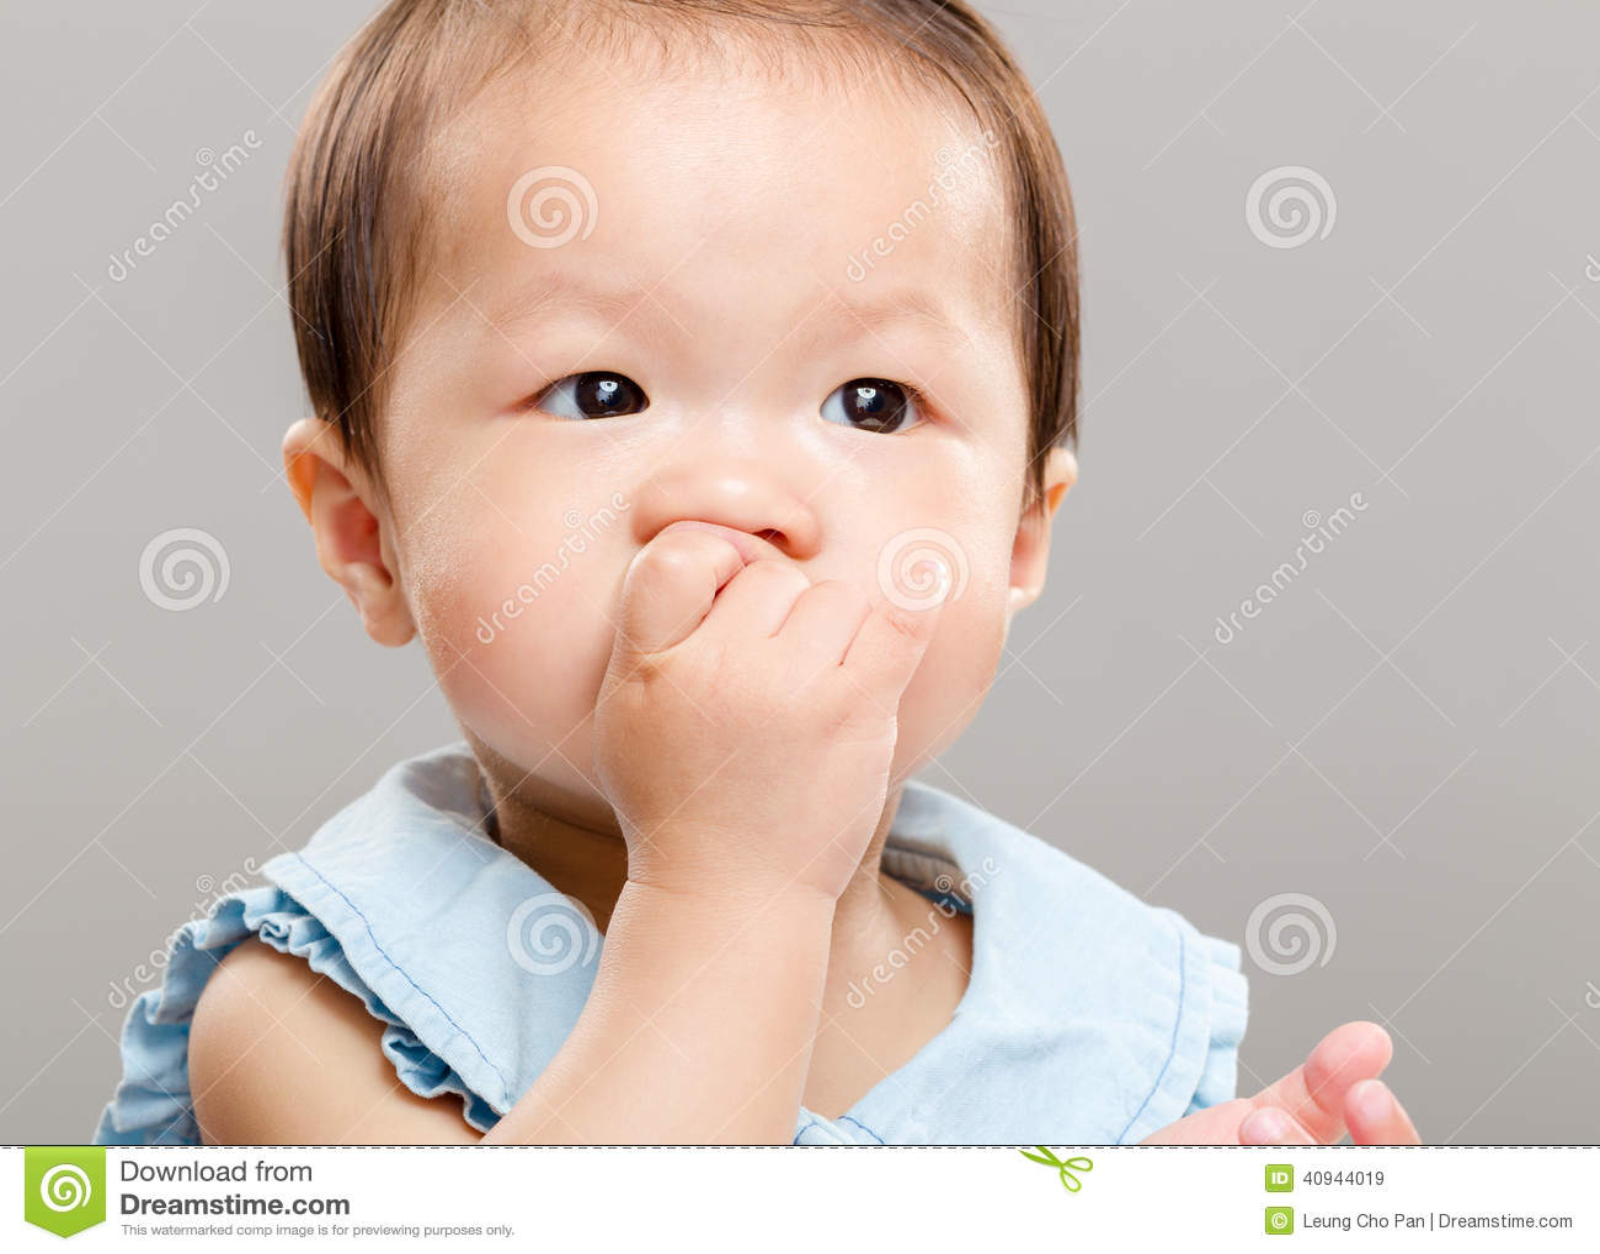 Bébé suçant son doigt dans la bouche